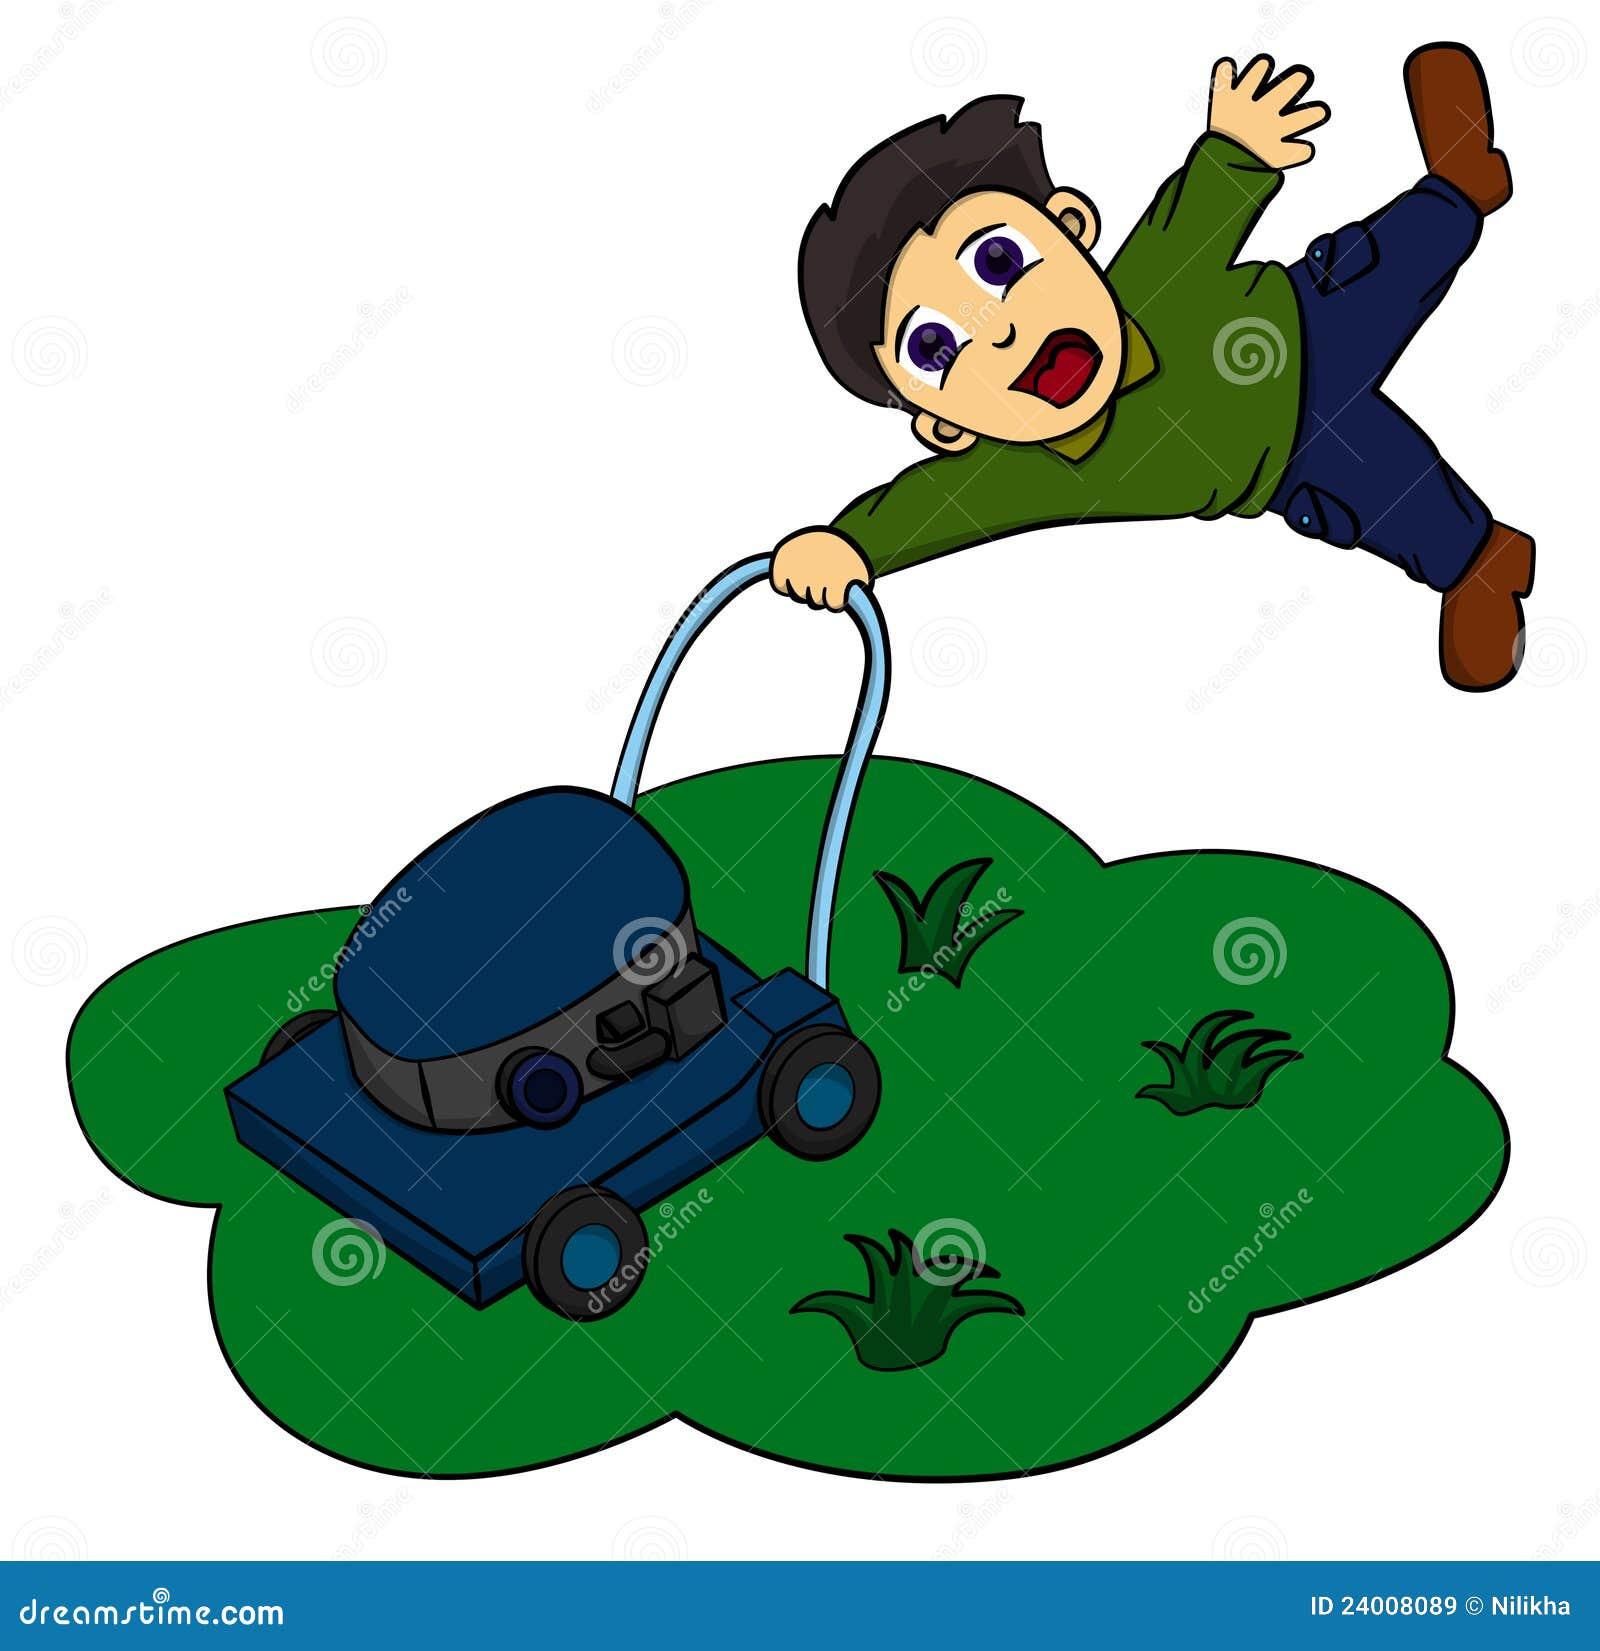 free cartoon lawn mower clipart - photo #29